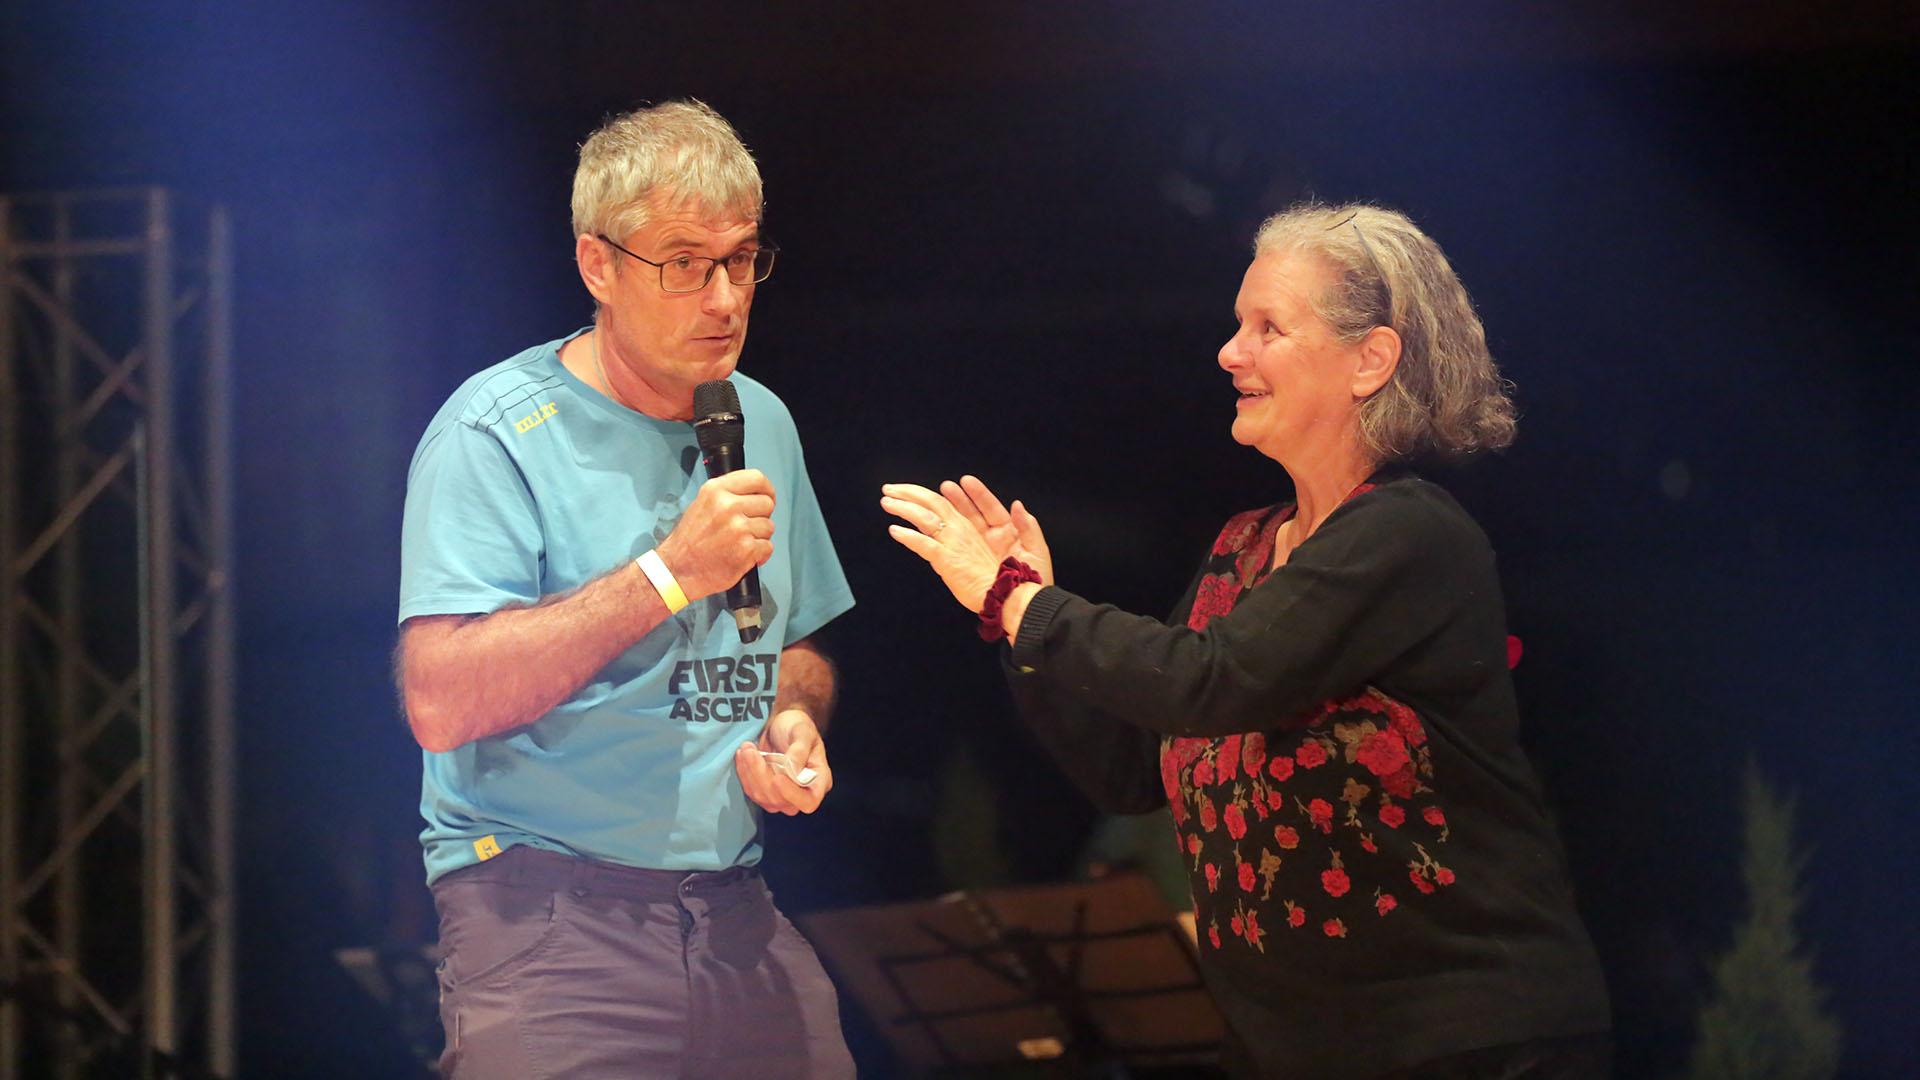 Electra et Jean-Marie Bettems animent le groupe de jeunes TKTO de la paroisse catholique francophone de Zurich   Bernard Hallet